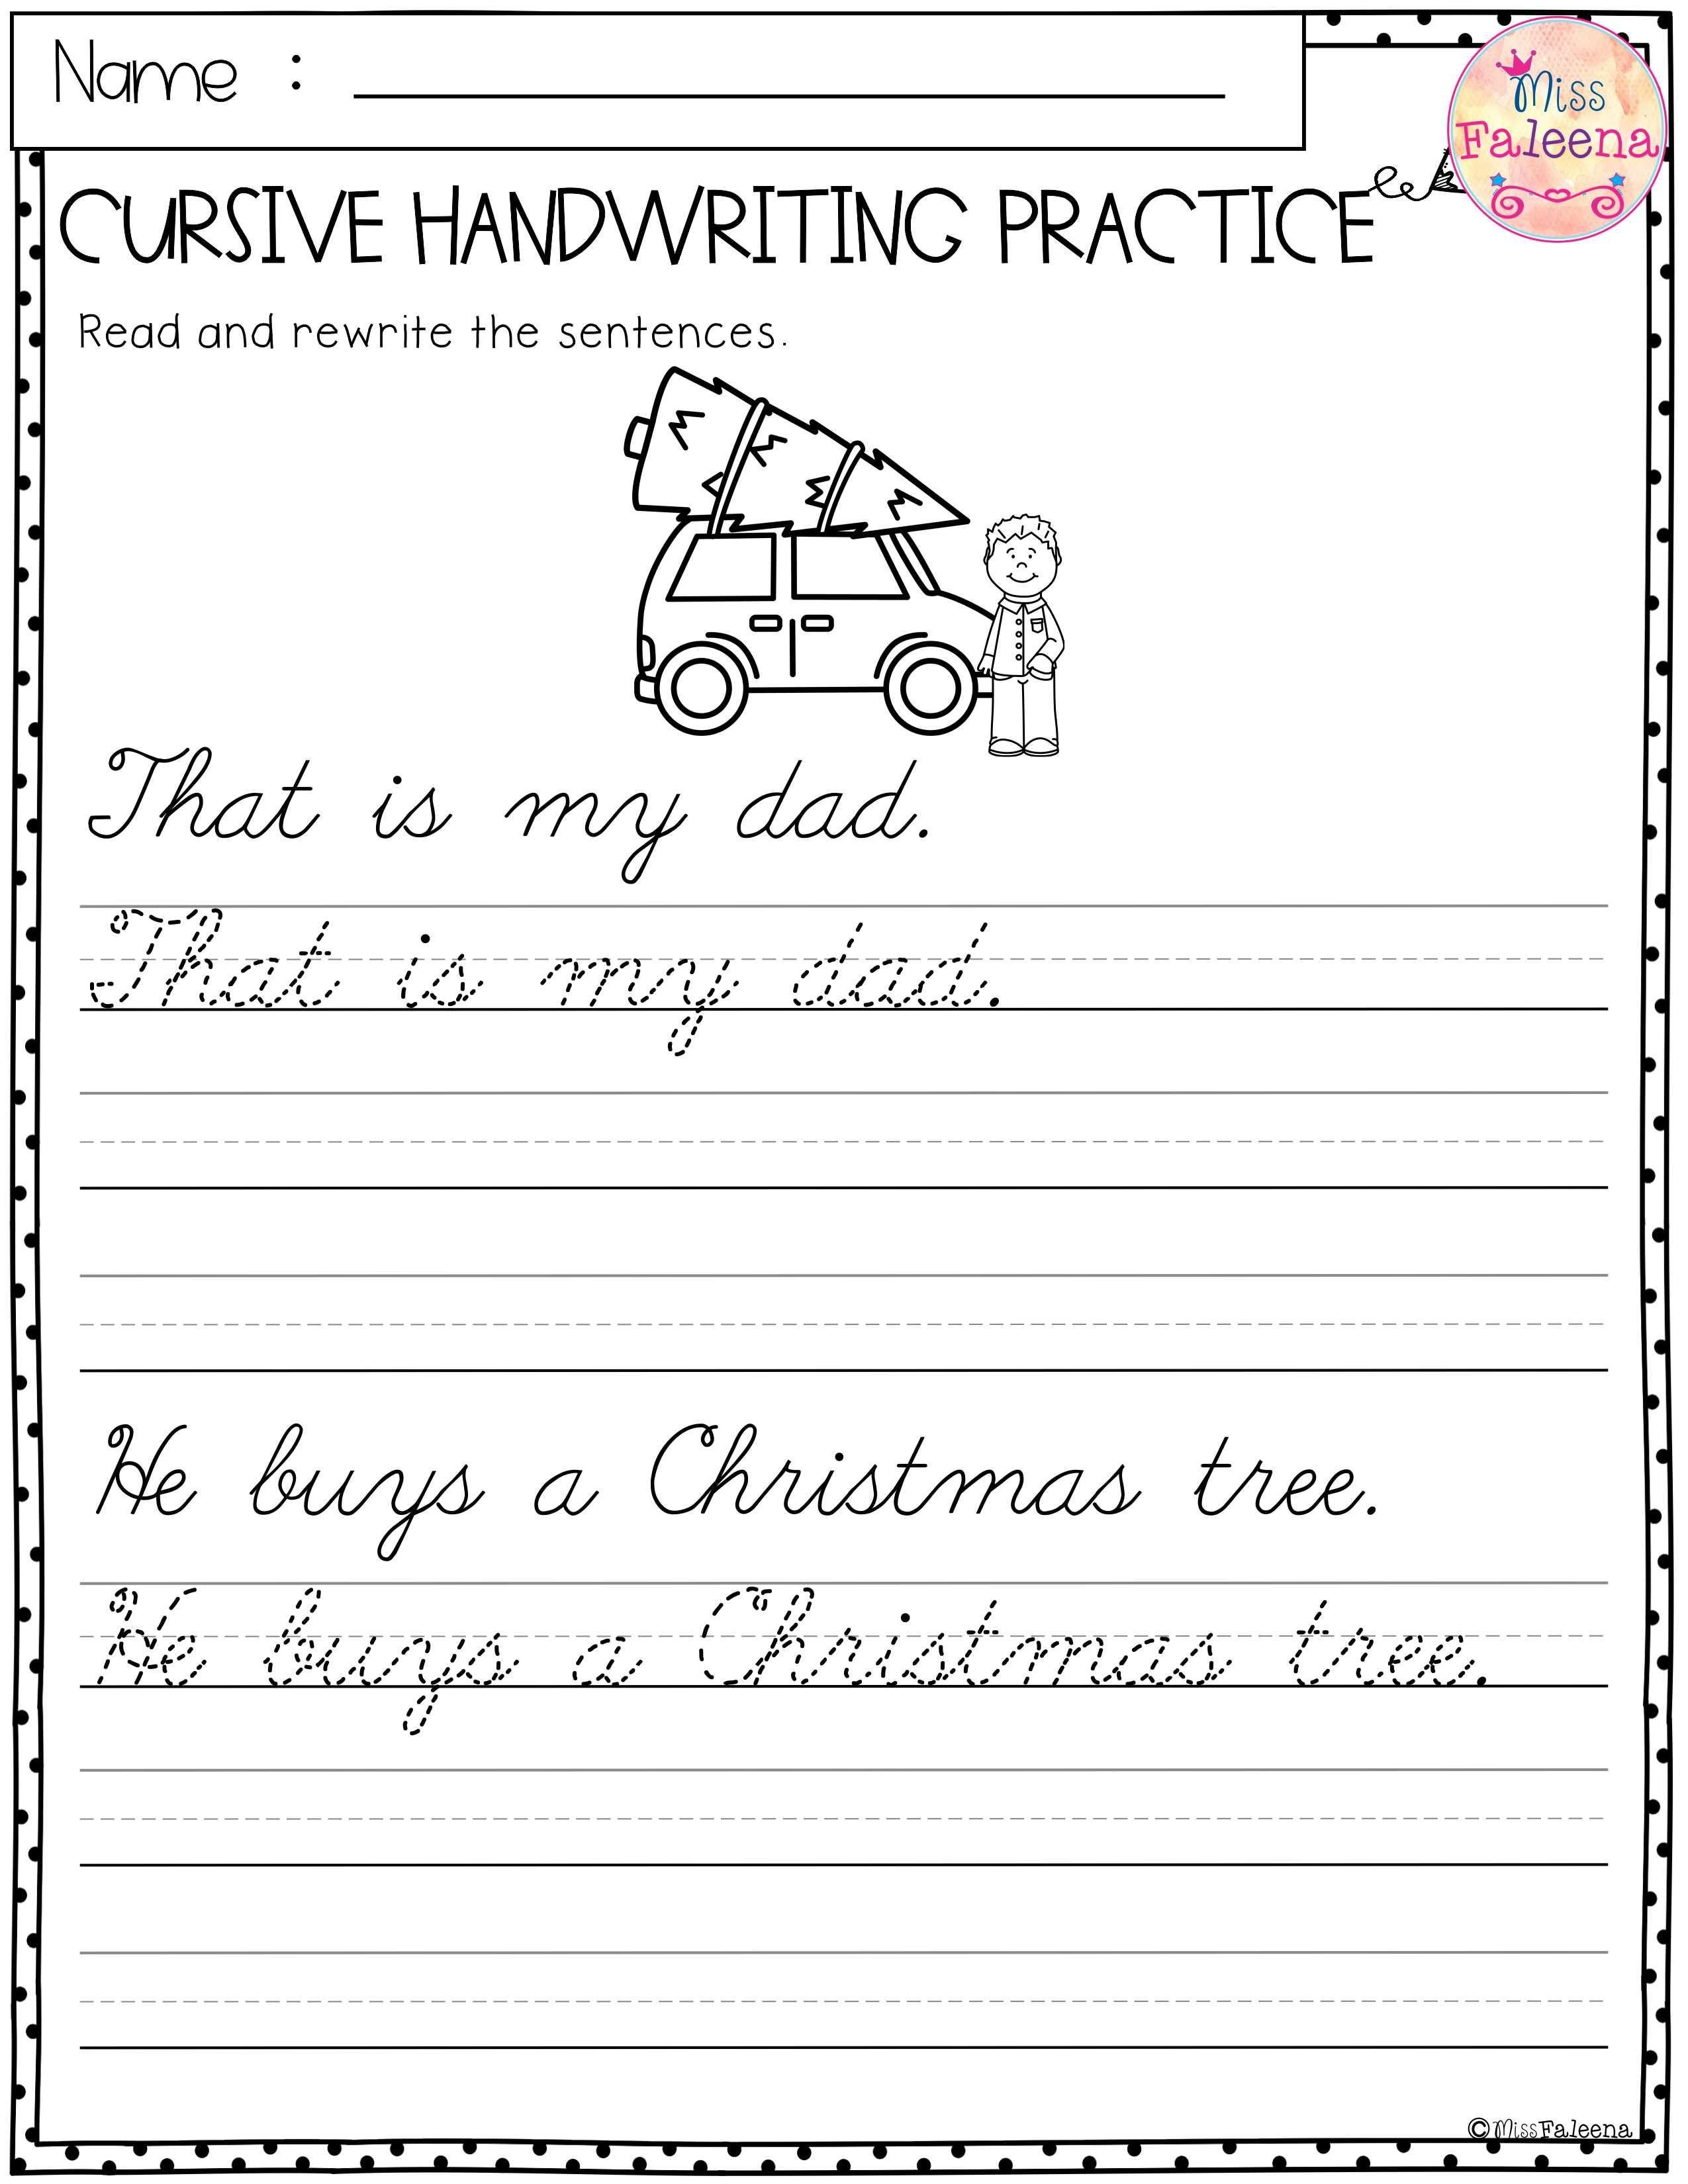 Christmas Cursive Handwriting Practice Has 25 Pages Of Cursive Handwriting Worksheets Th Cursive Handwriting Practice Cursive Handwriting Handwriting Practice [ 3300 x 2550 Pixel ]